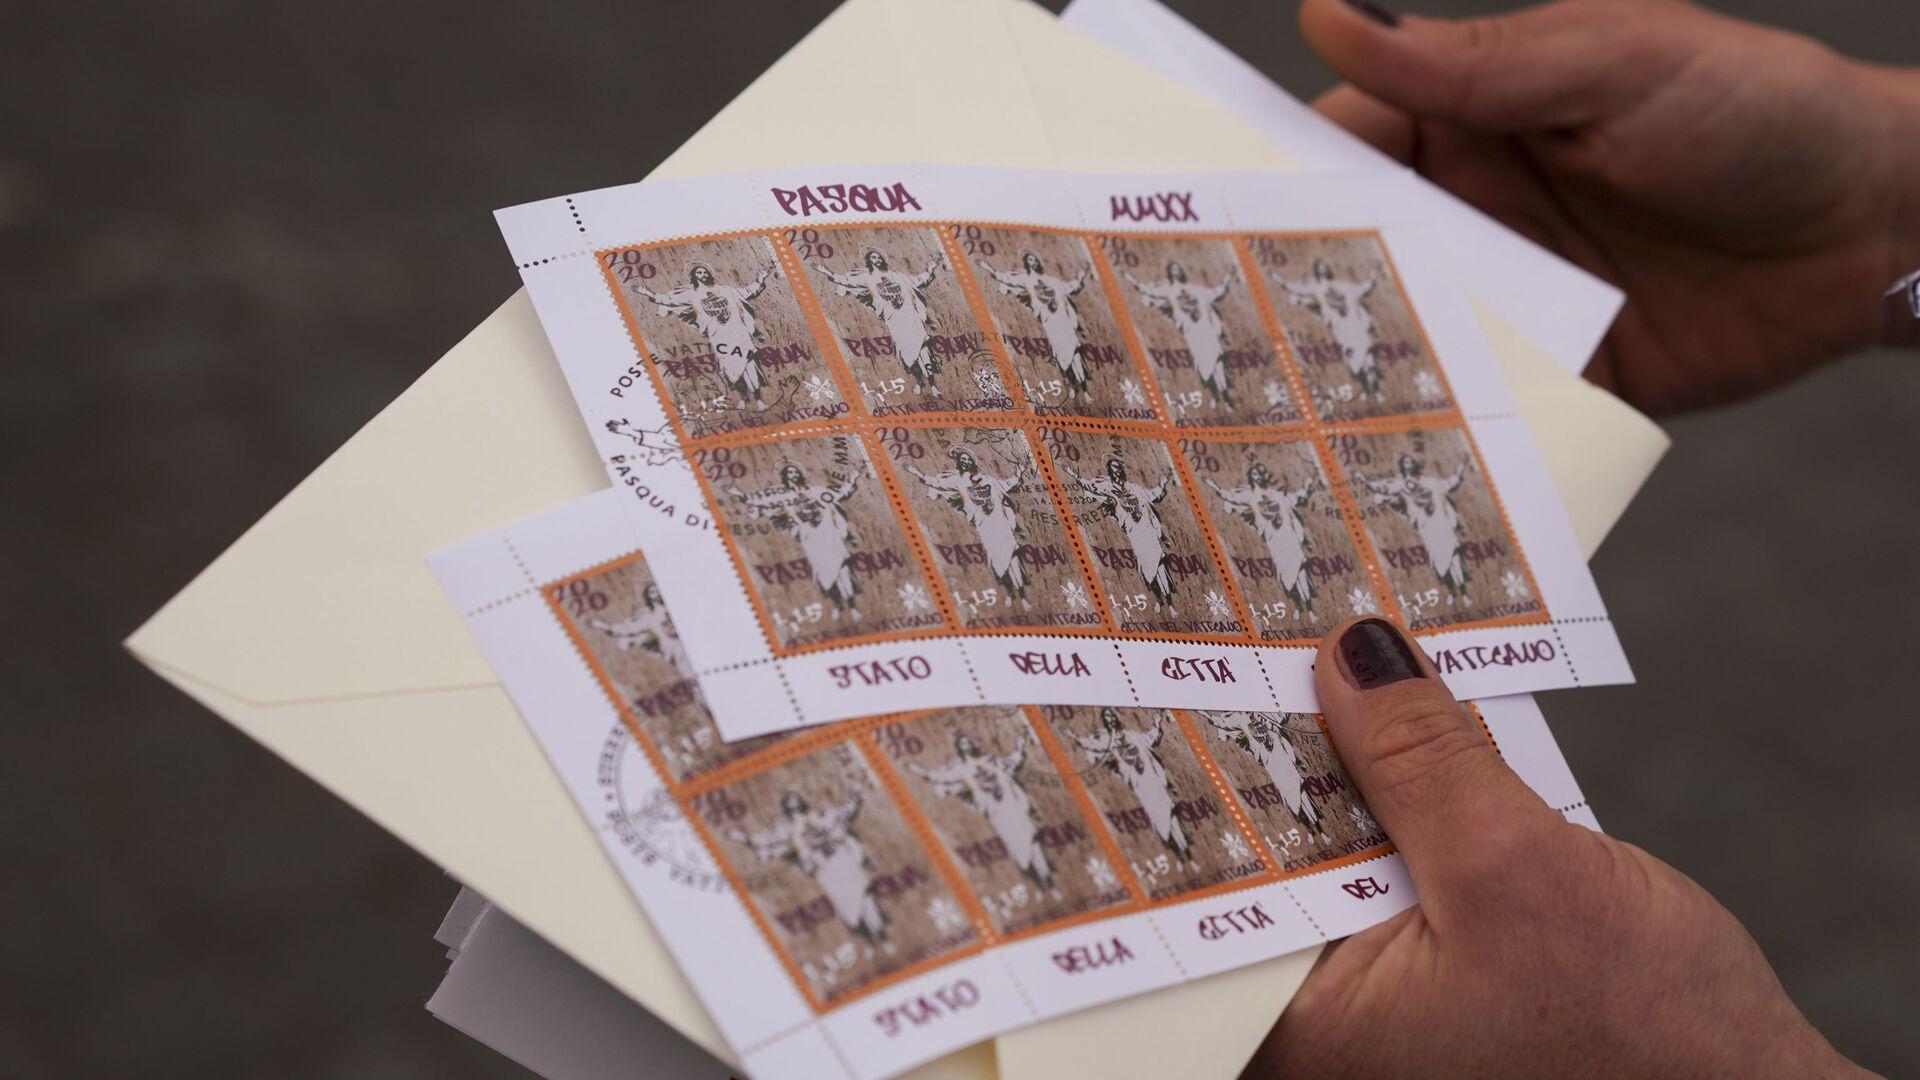 Poštovní známky s reprodukcí díla Alessie Babrow - Sputnik Česká republika, 1920, 27.05.2021